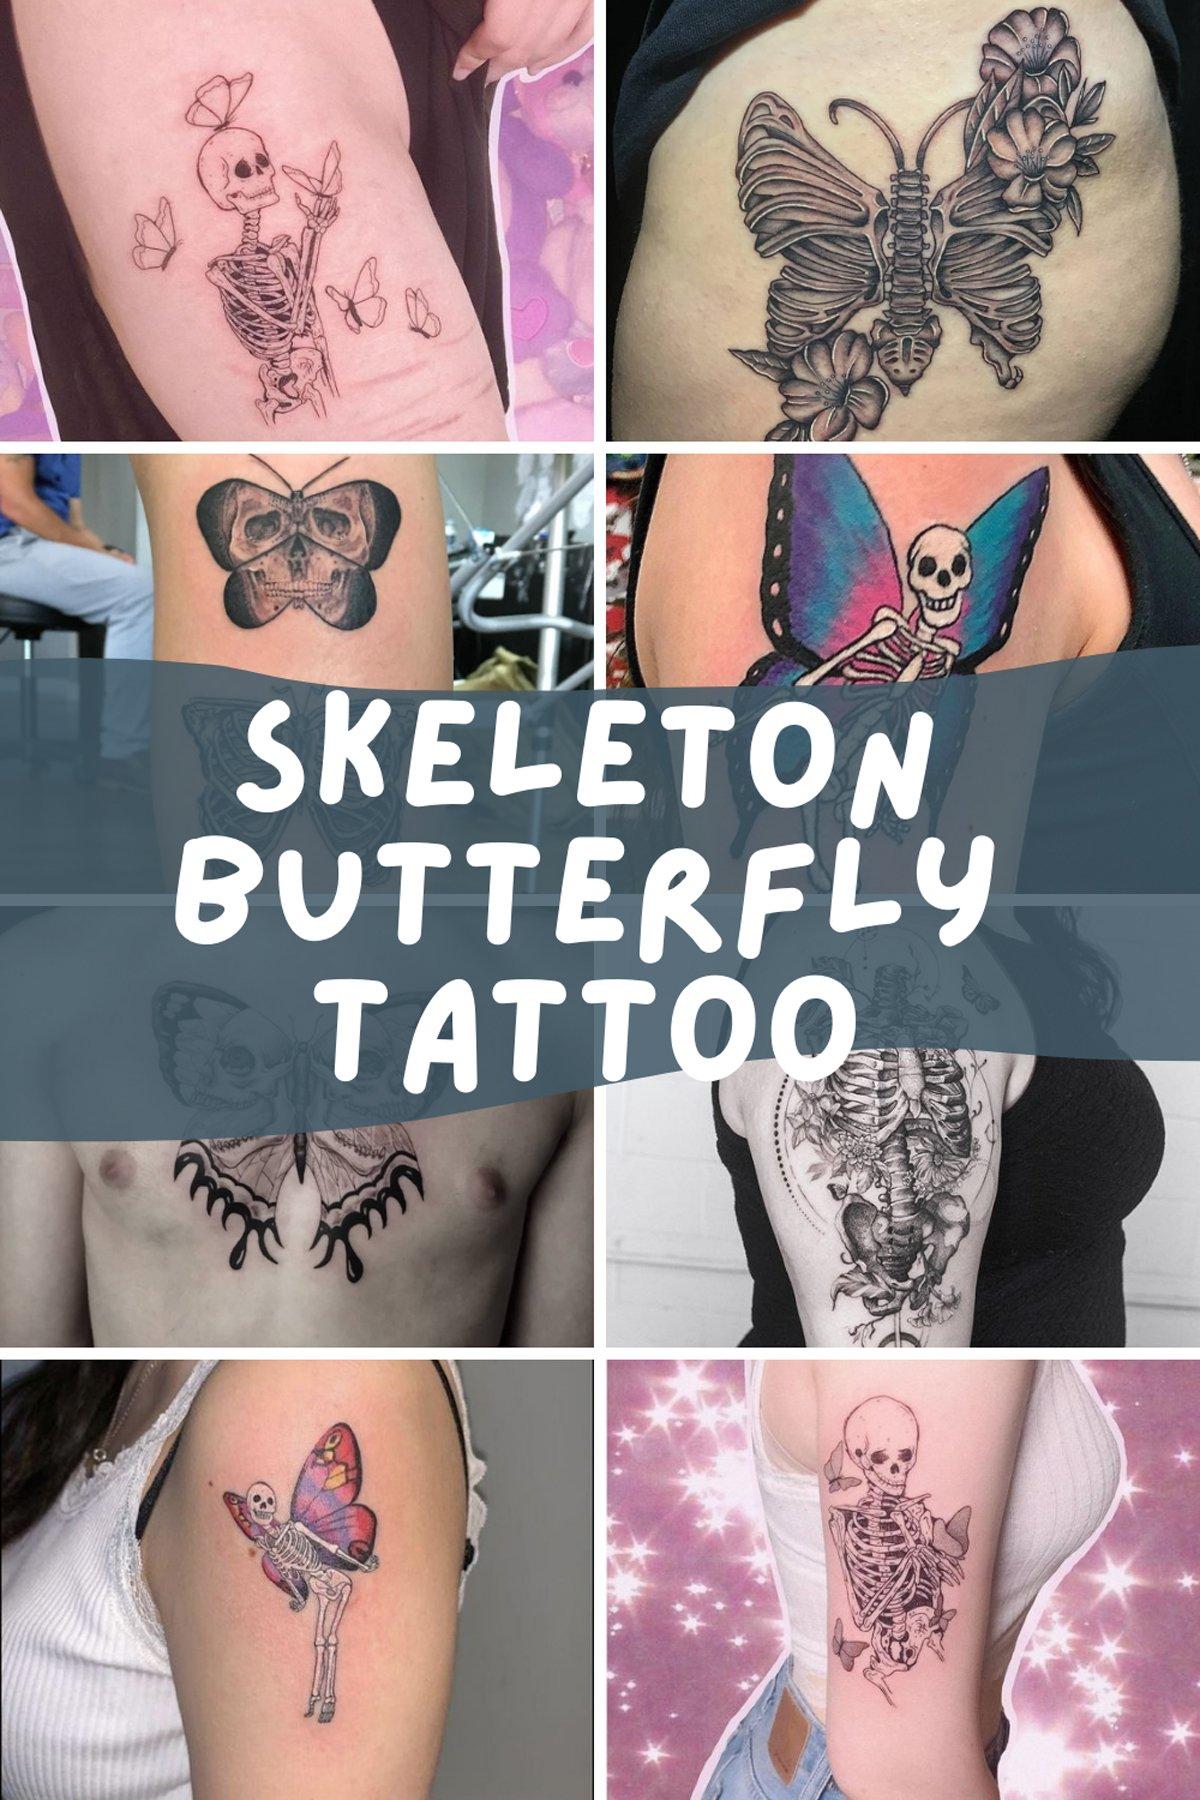 Skeleton Butterfly Tattoo